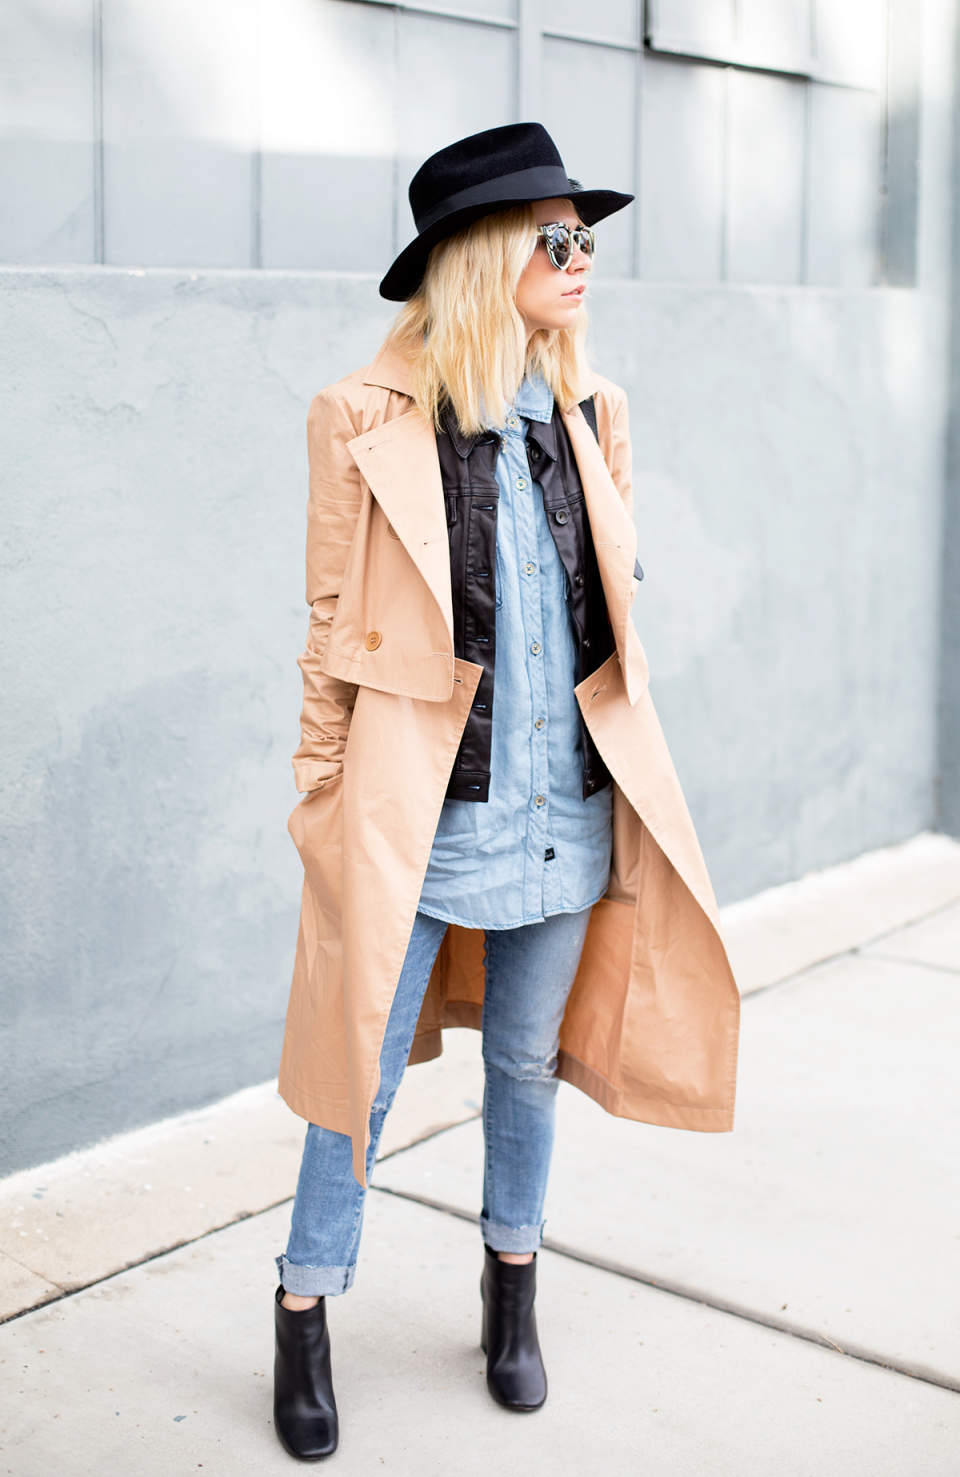 ビジネスウーマン必見!スーツに合わせるコート選び、今年は私服にも使えるトレンチで決まり 2番目の画像